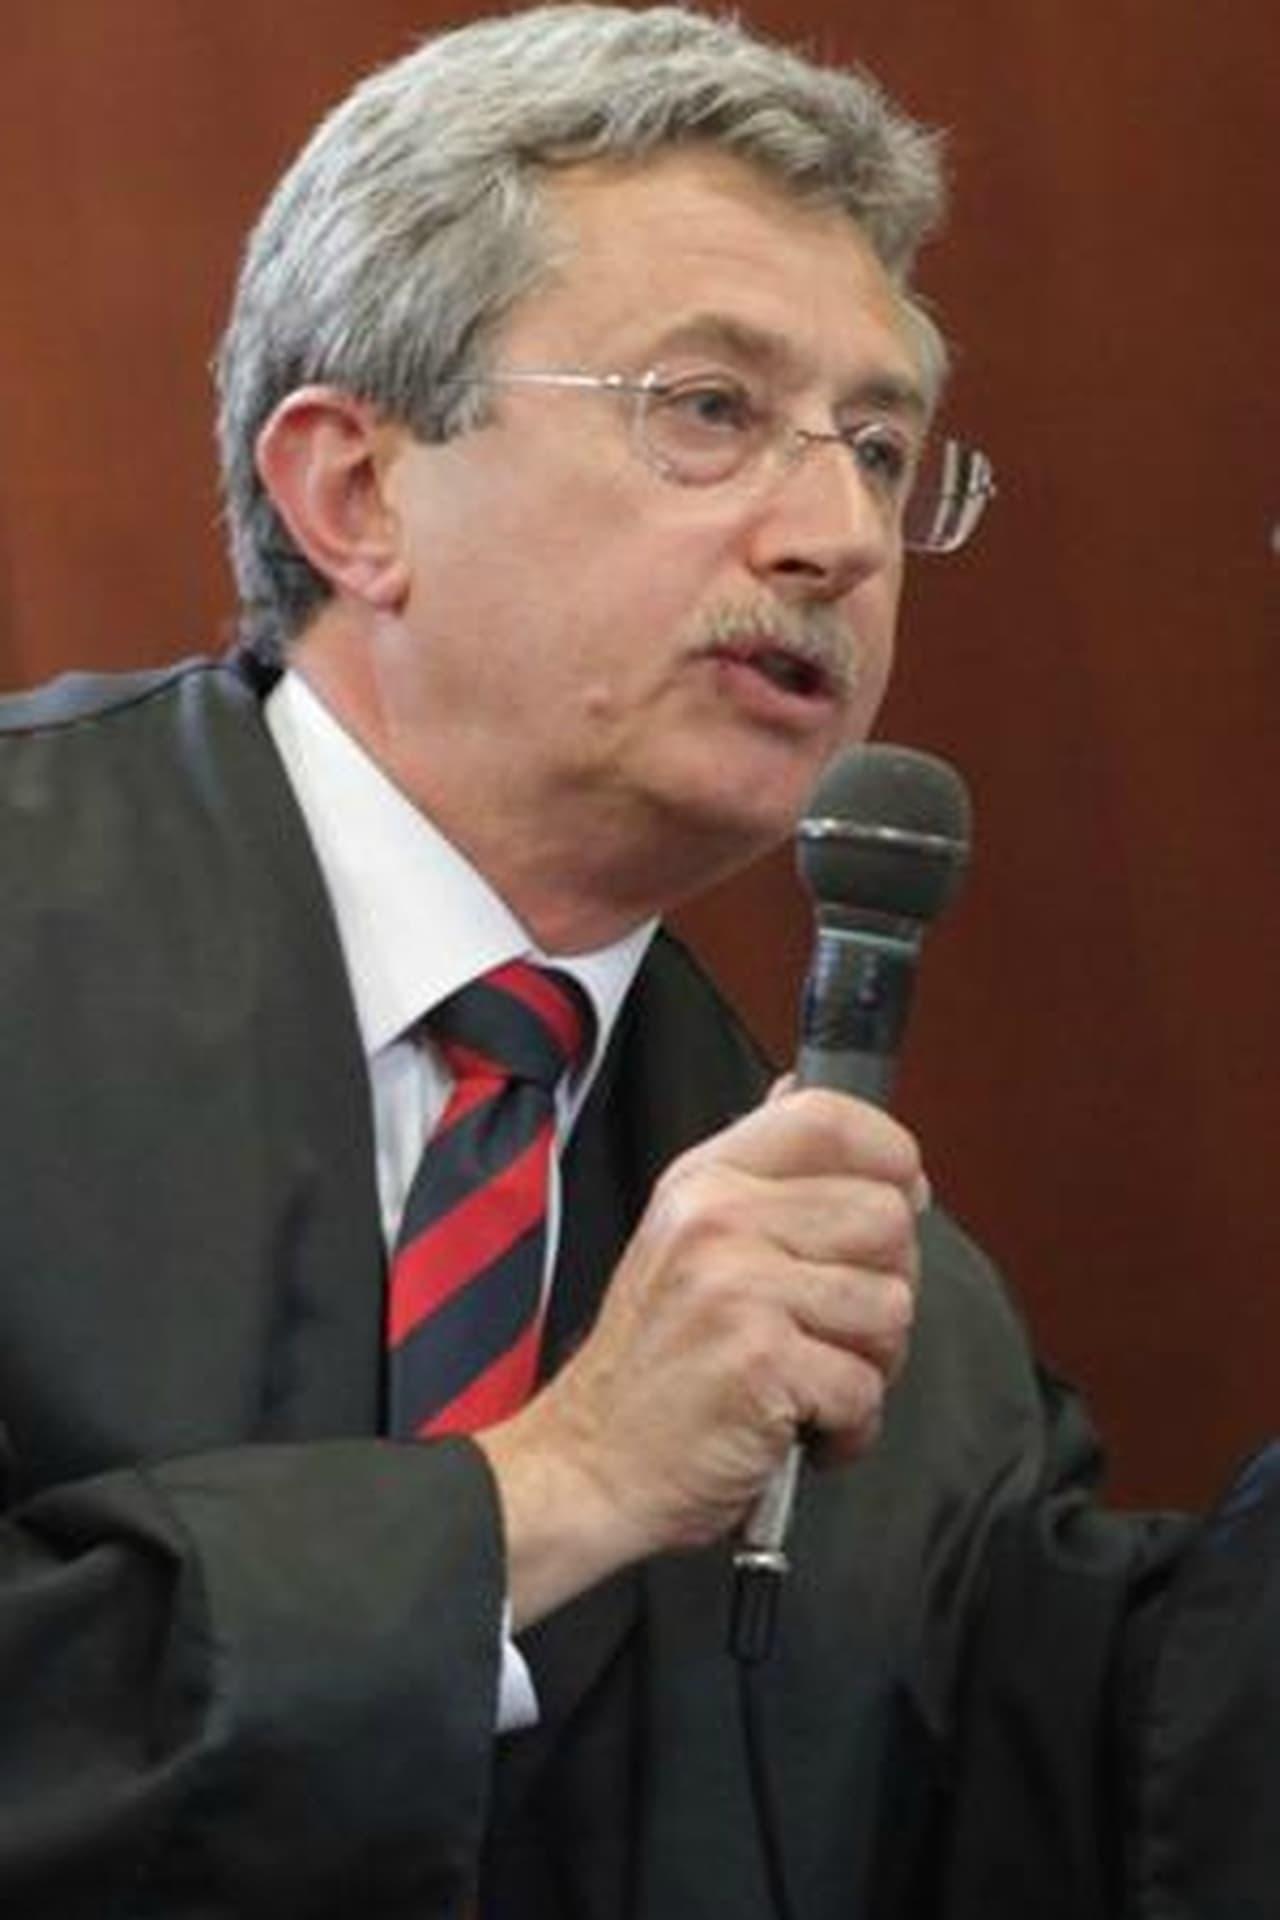 Alberto Cavallone